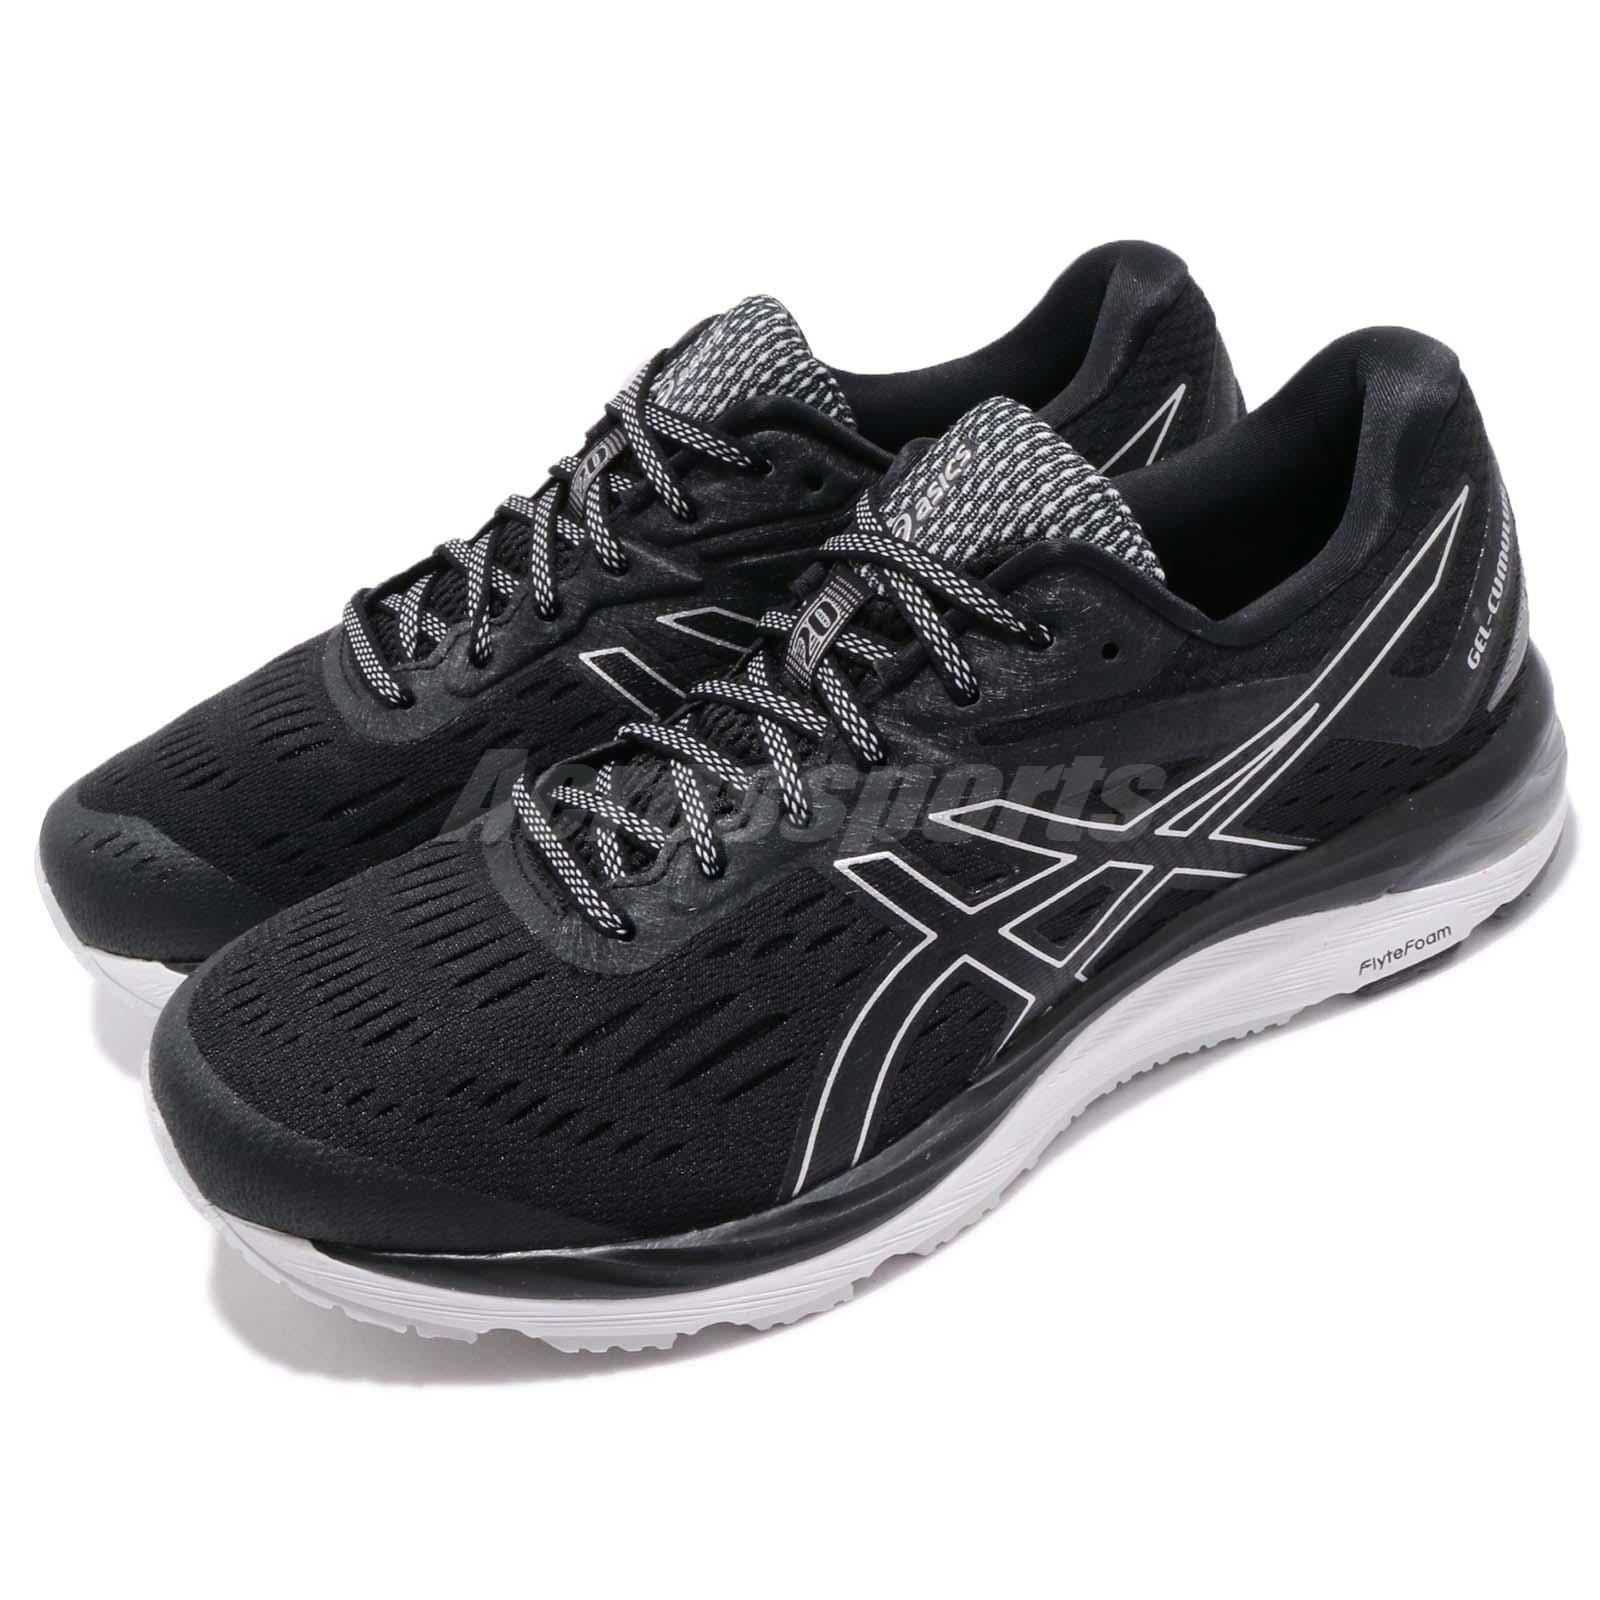 Asics Gel-Cumulus 20 2E Wide Noir Blanc Men Running Chaussures Baskets 1011A014-002